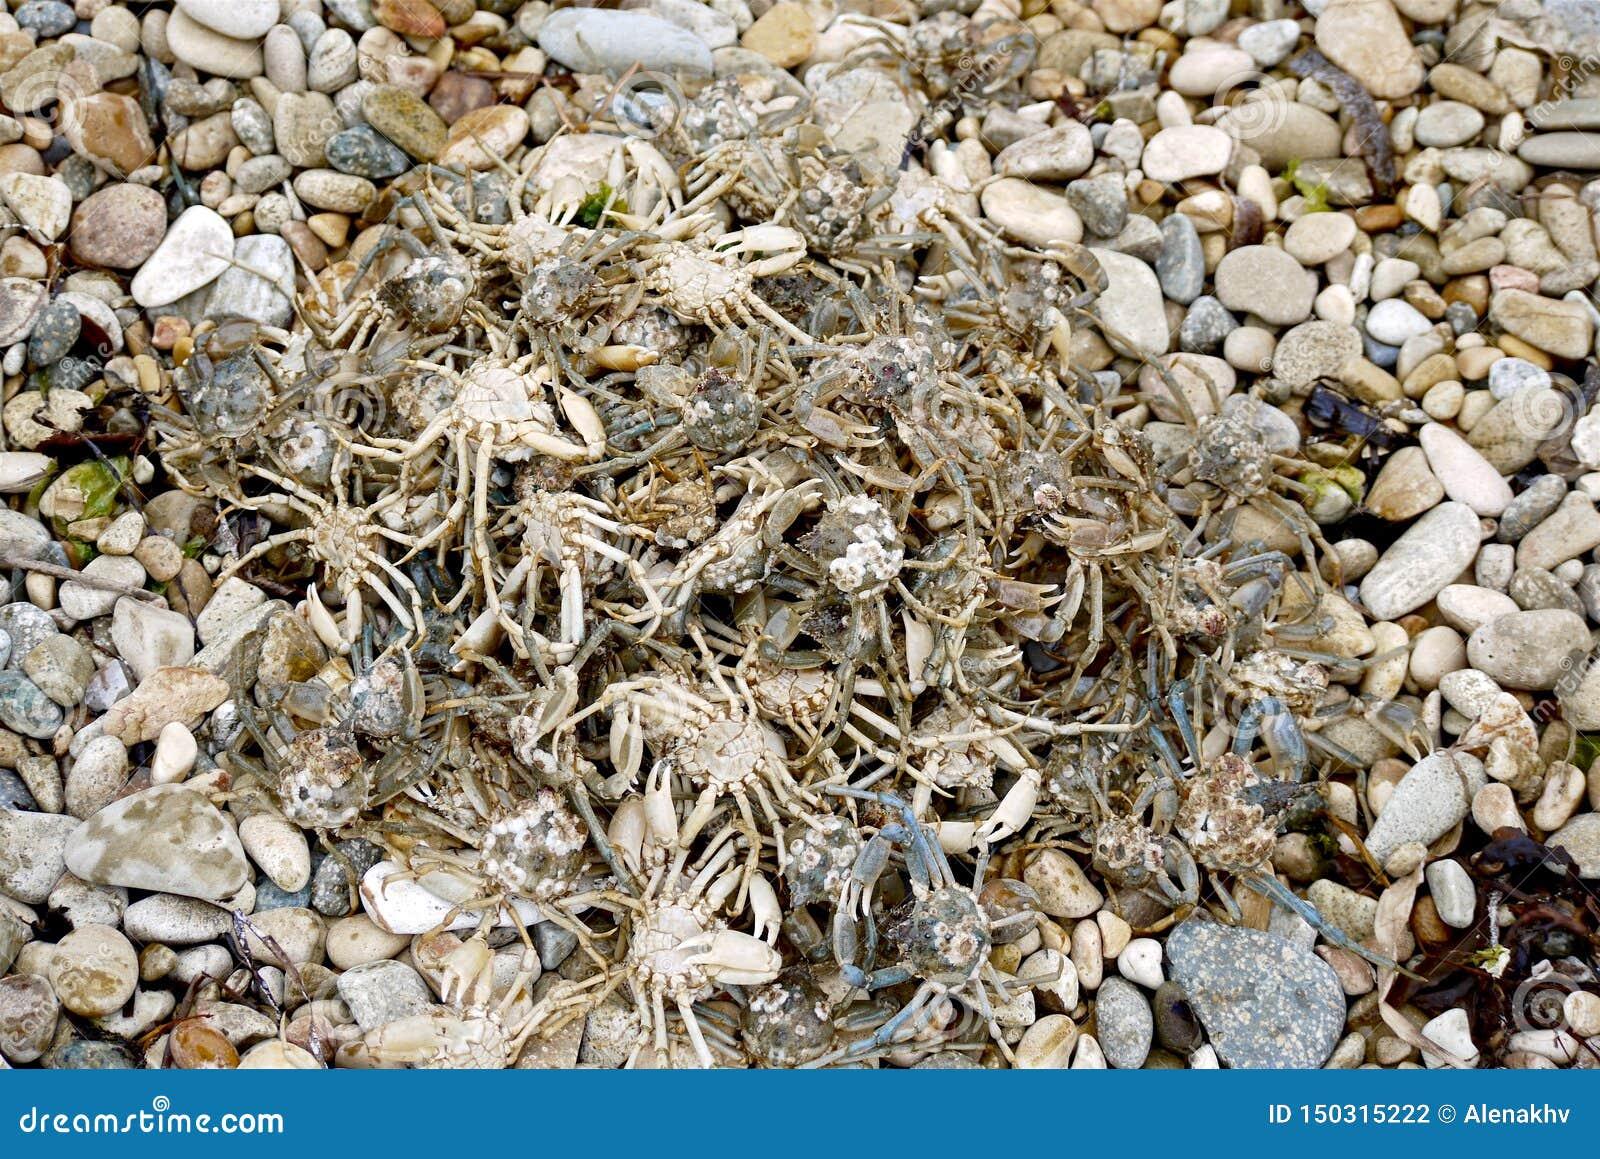 Mucchio di piccoli granchi viventi